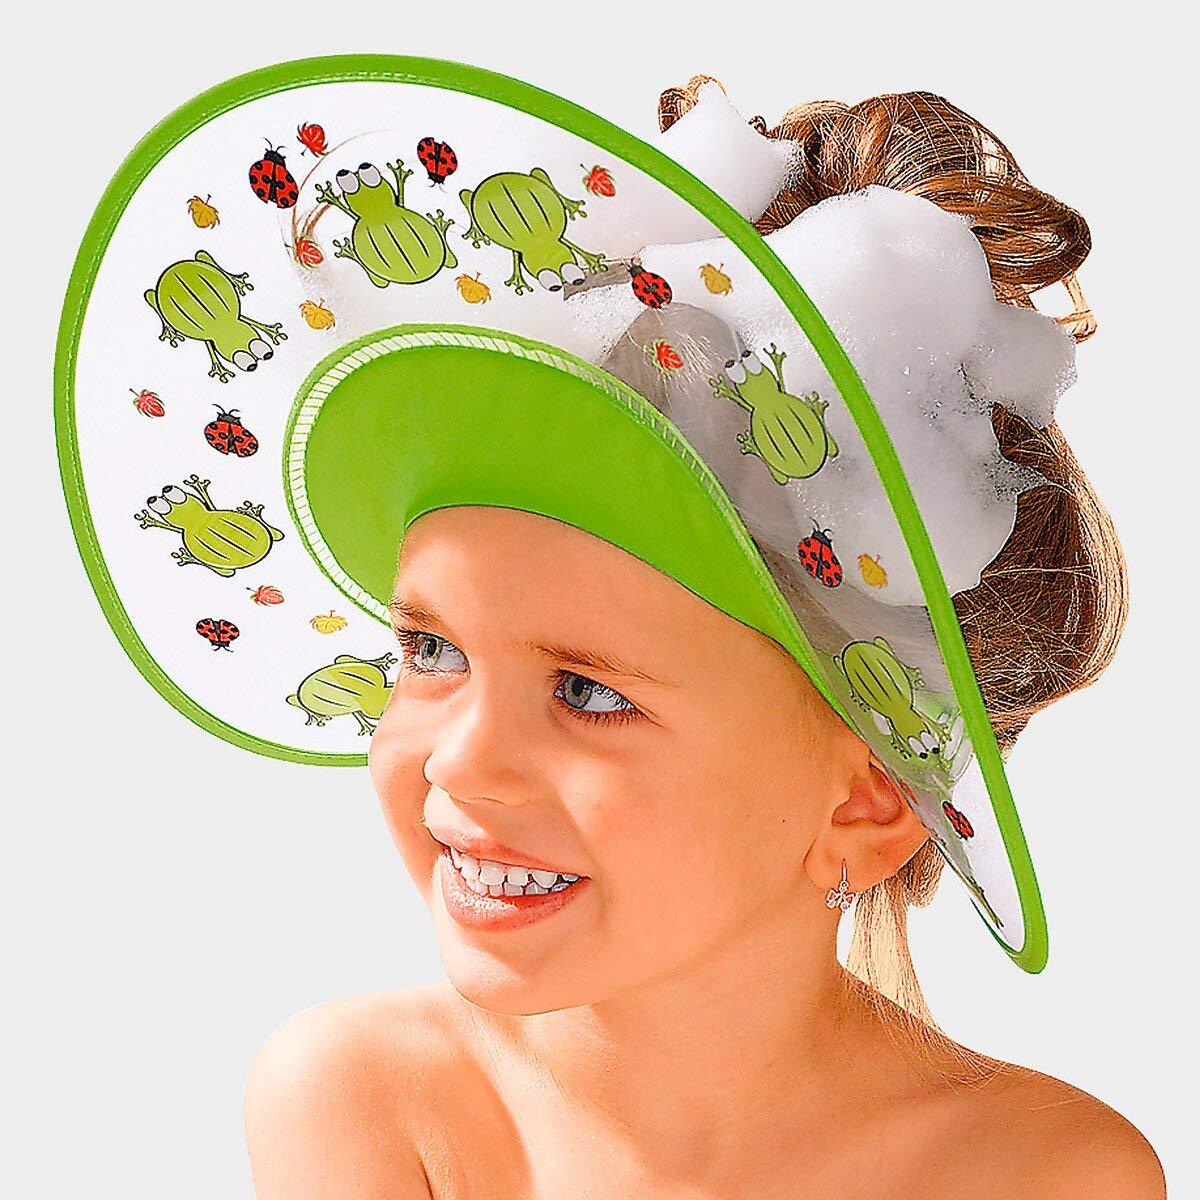 Augenschutz und Ohrenschutz Kinder Duschkappe Haare waschen zum /Überst/ülpen clacce Kinder Duschkappe Shampoo Schutz f/ür Babys Haarwaschhilfe 100/% wasserdicht I weiche Silikonhaut